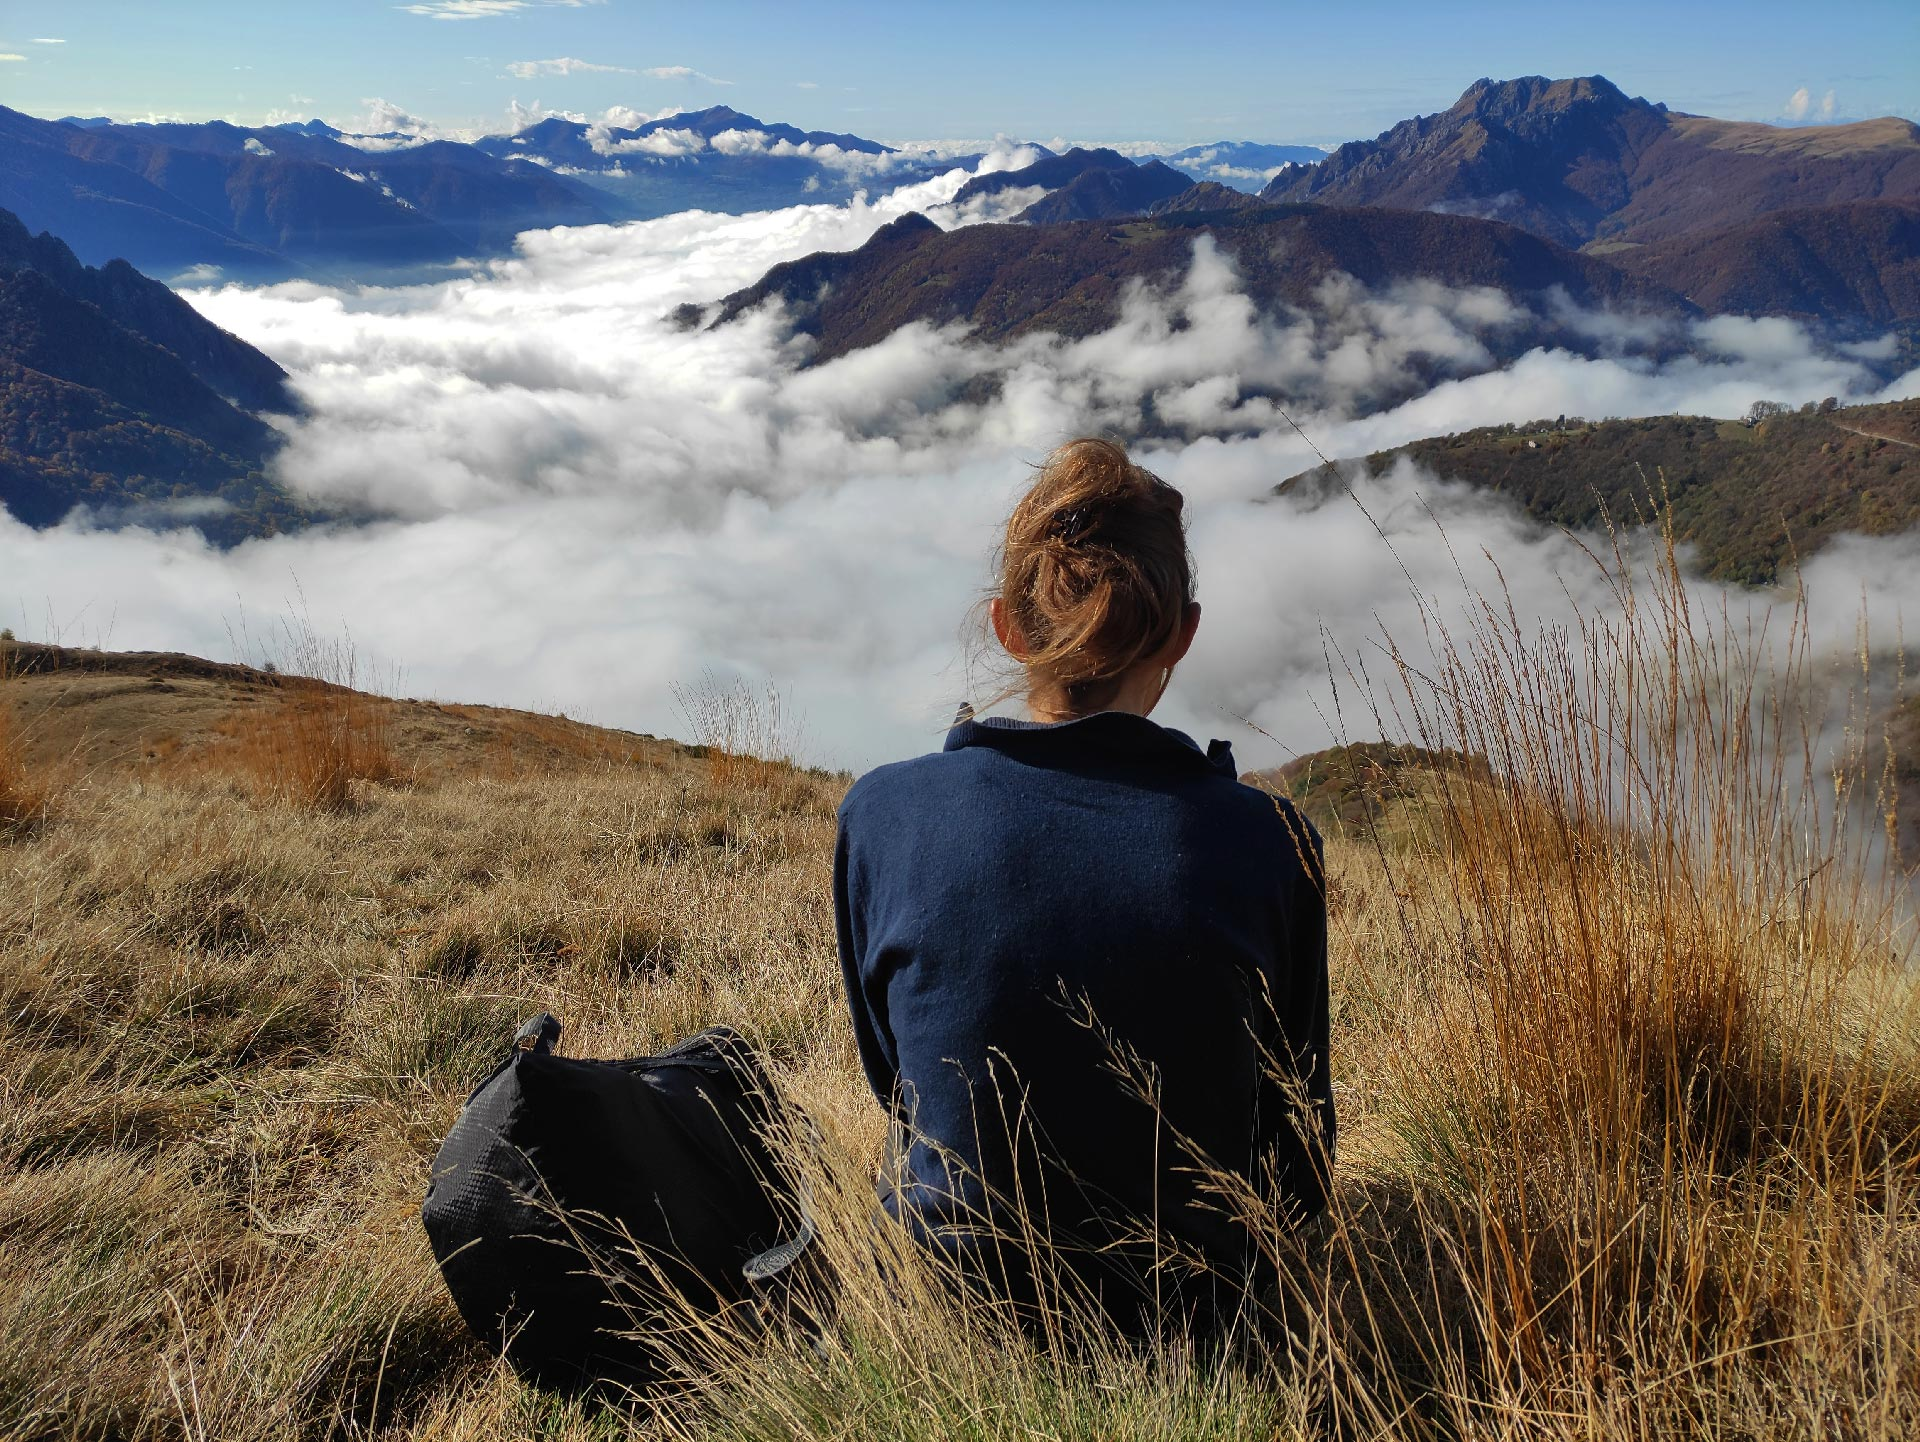 Verso il monte Tabor, Val Cavargna